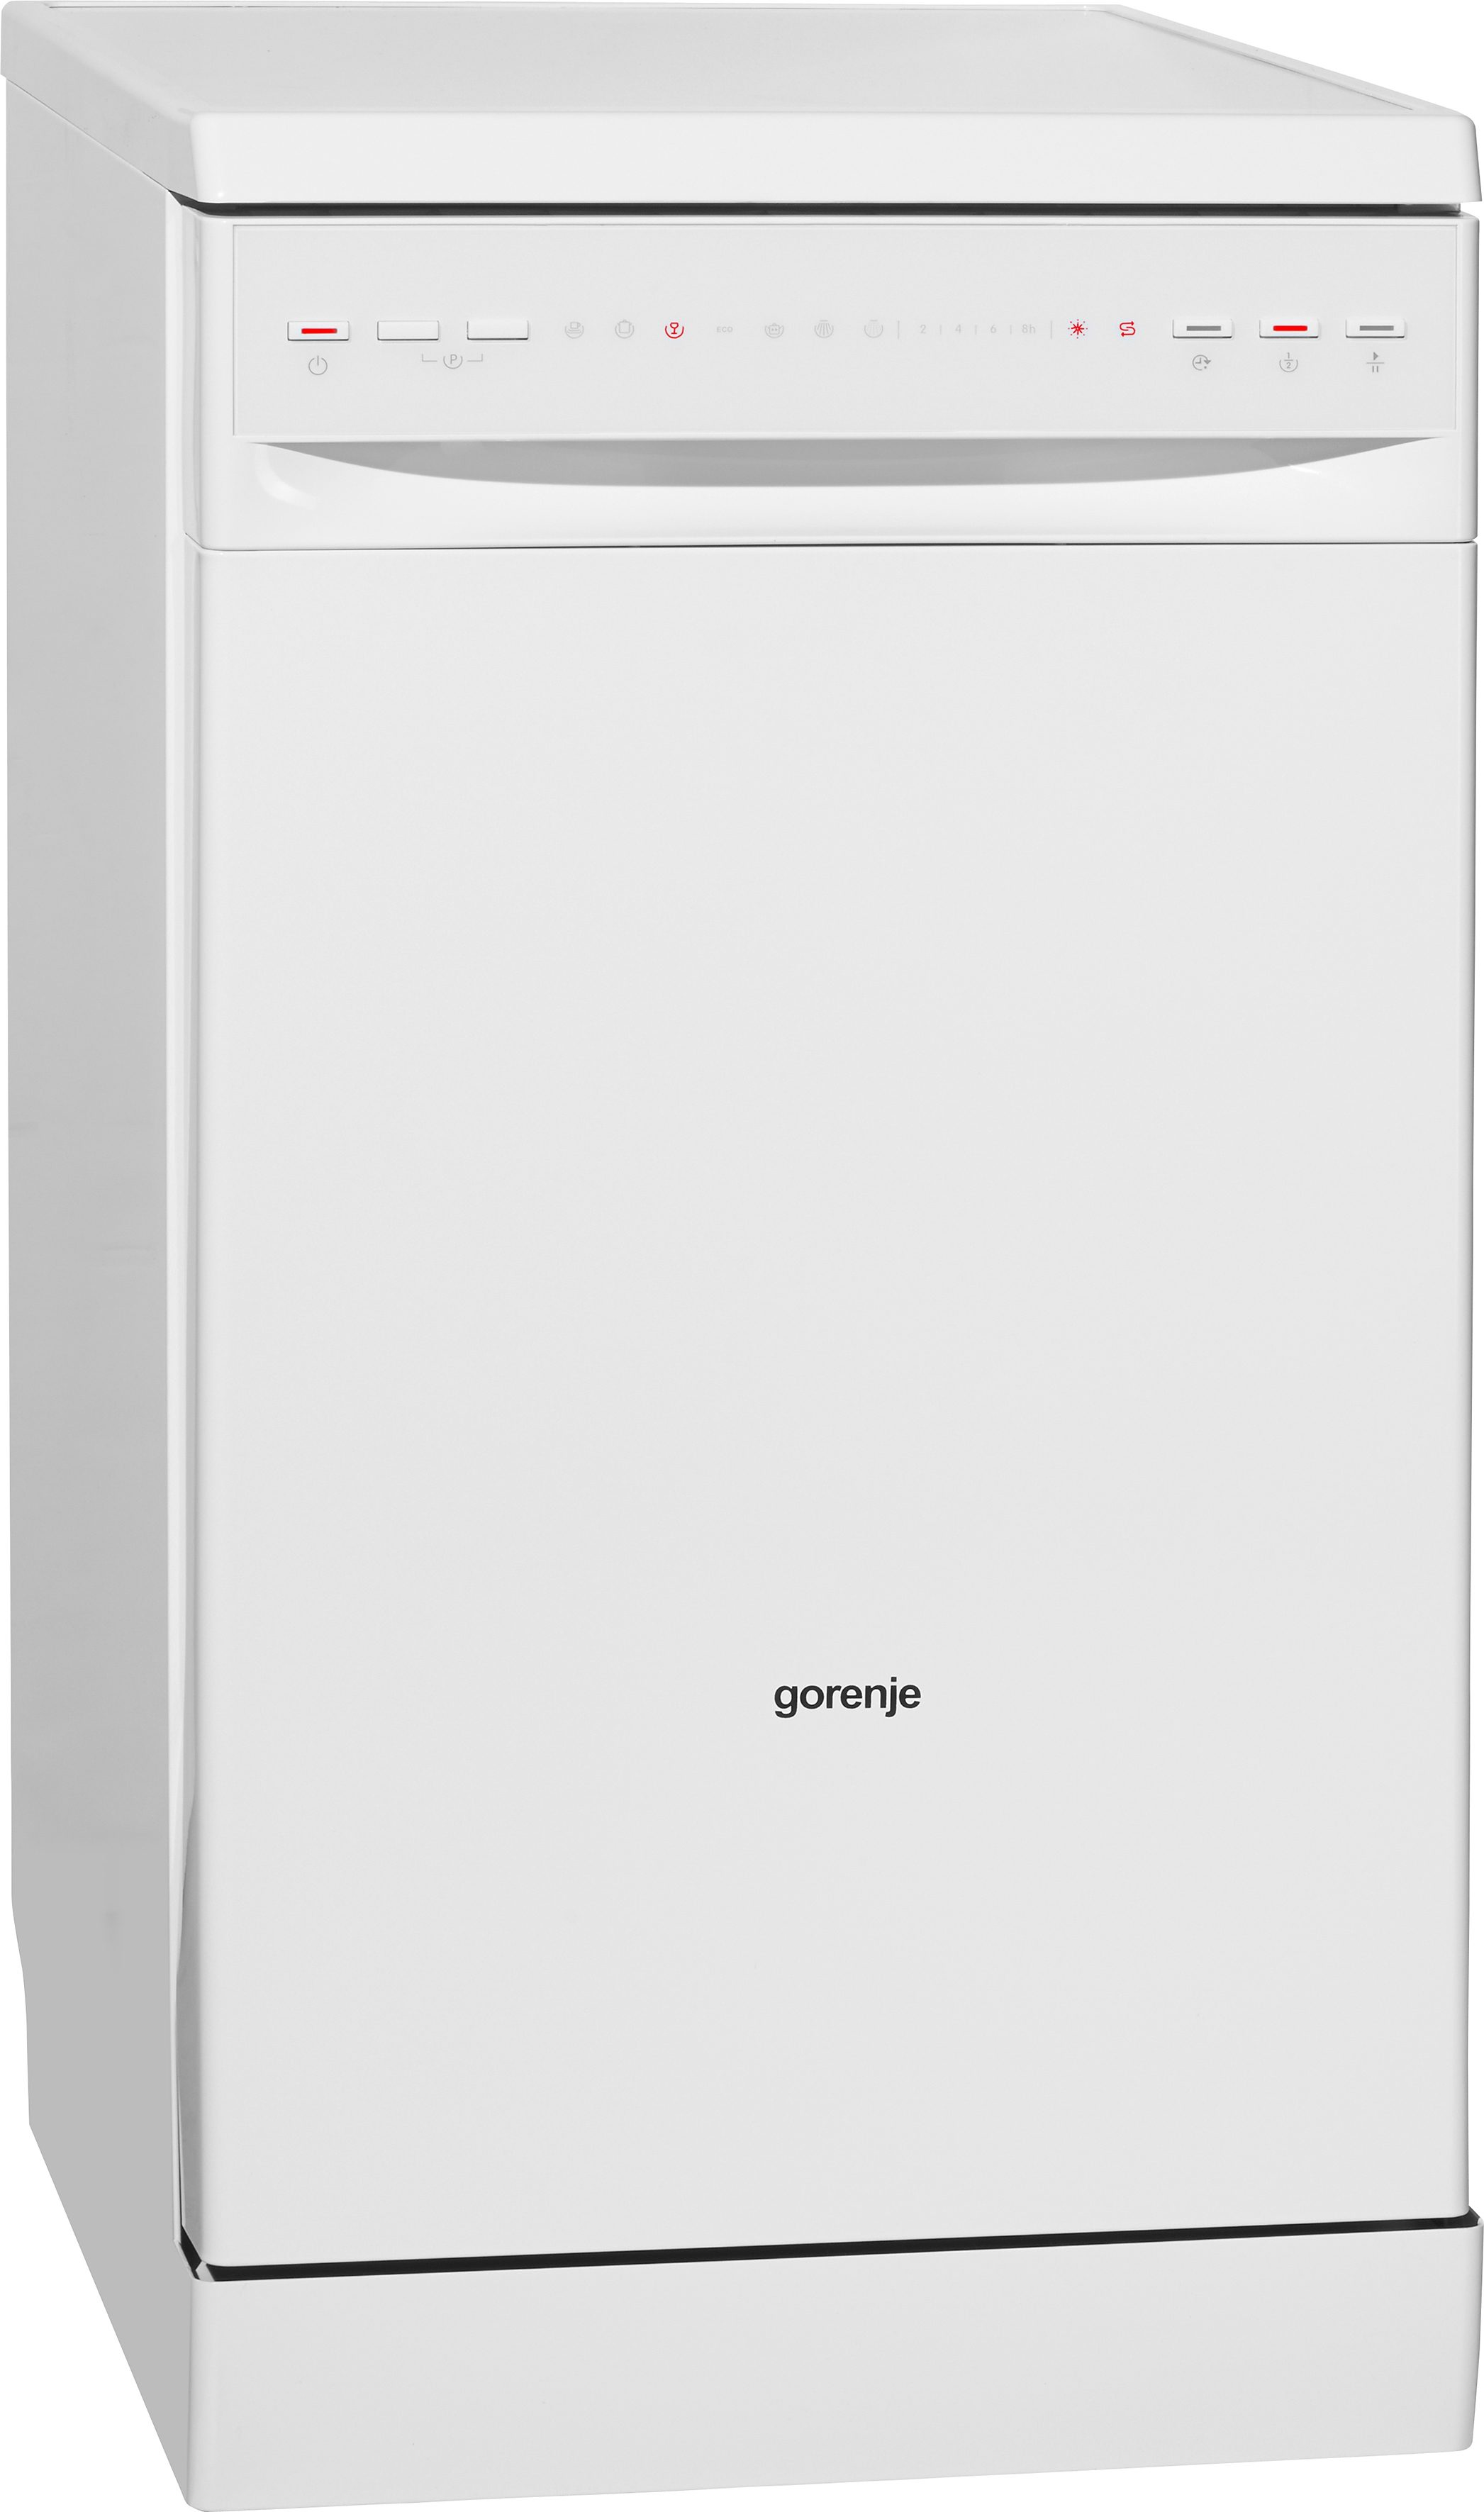 Gorenje Geschirrspüler GS 52214 W, A+